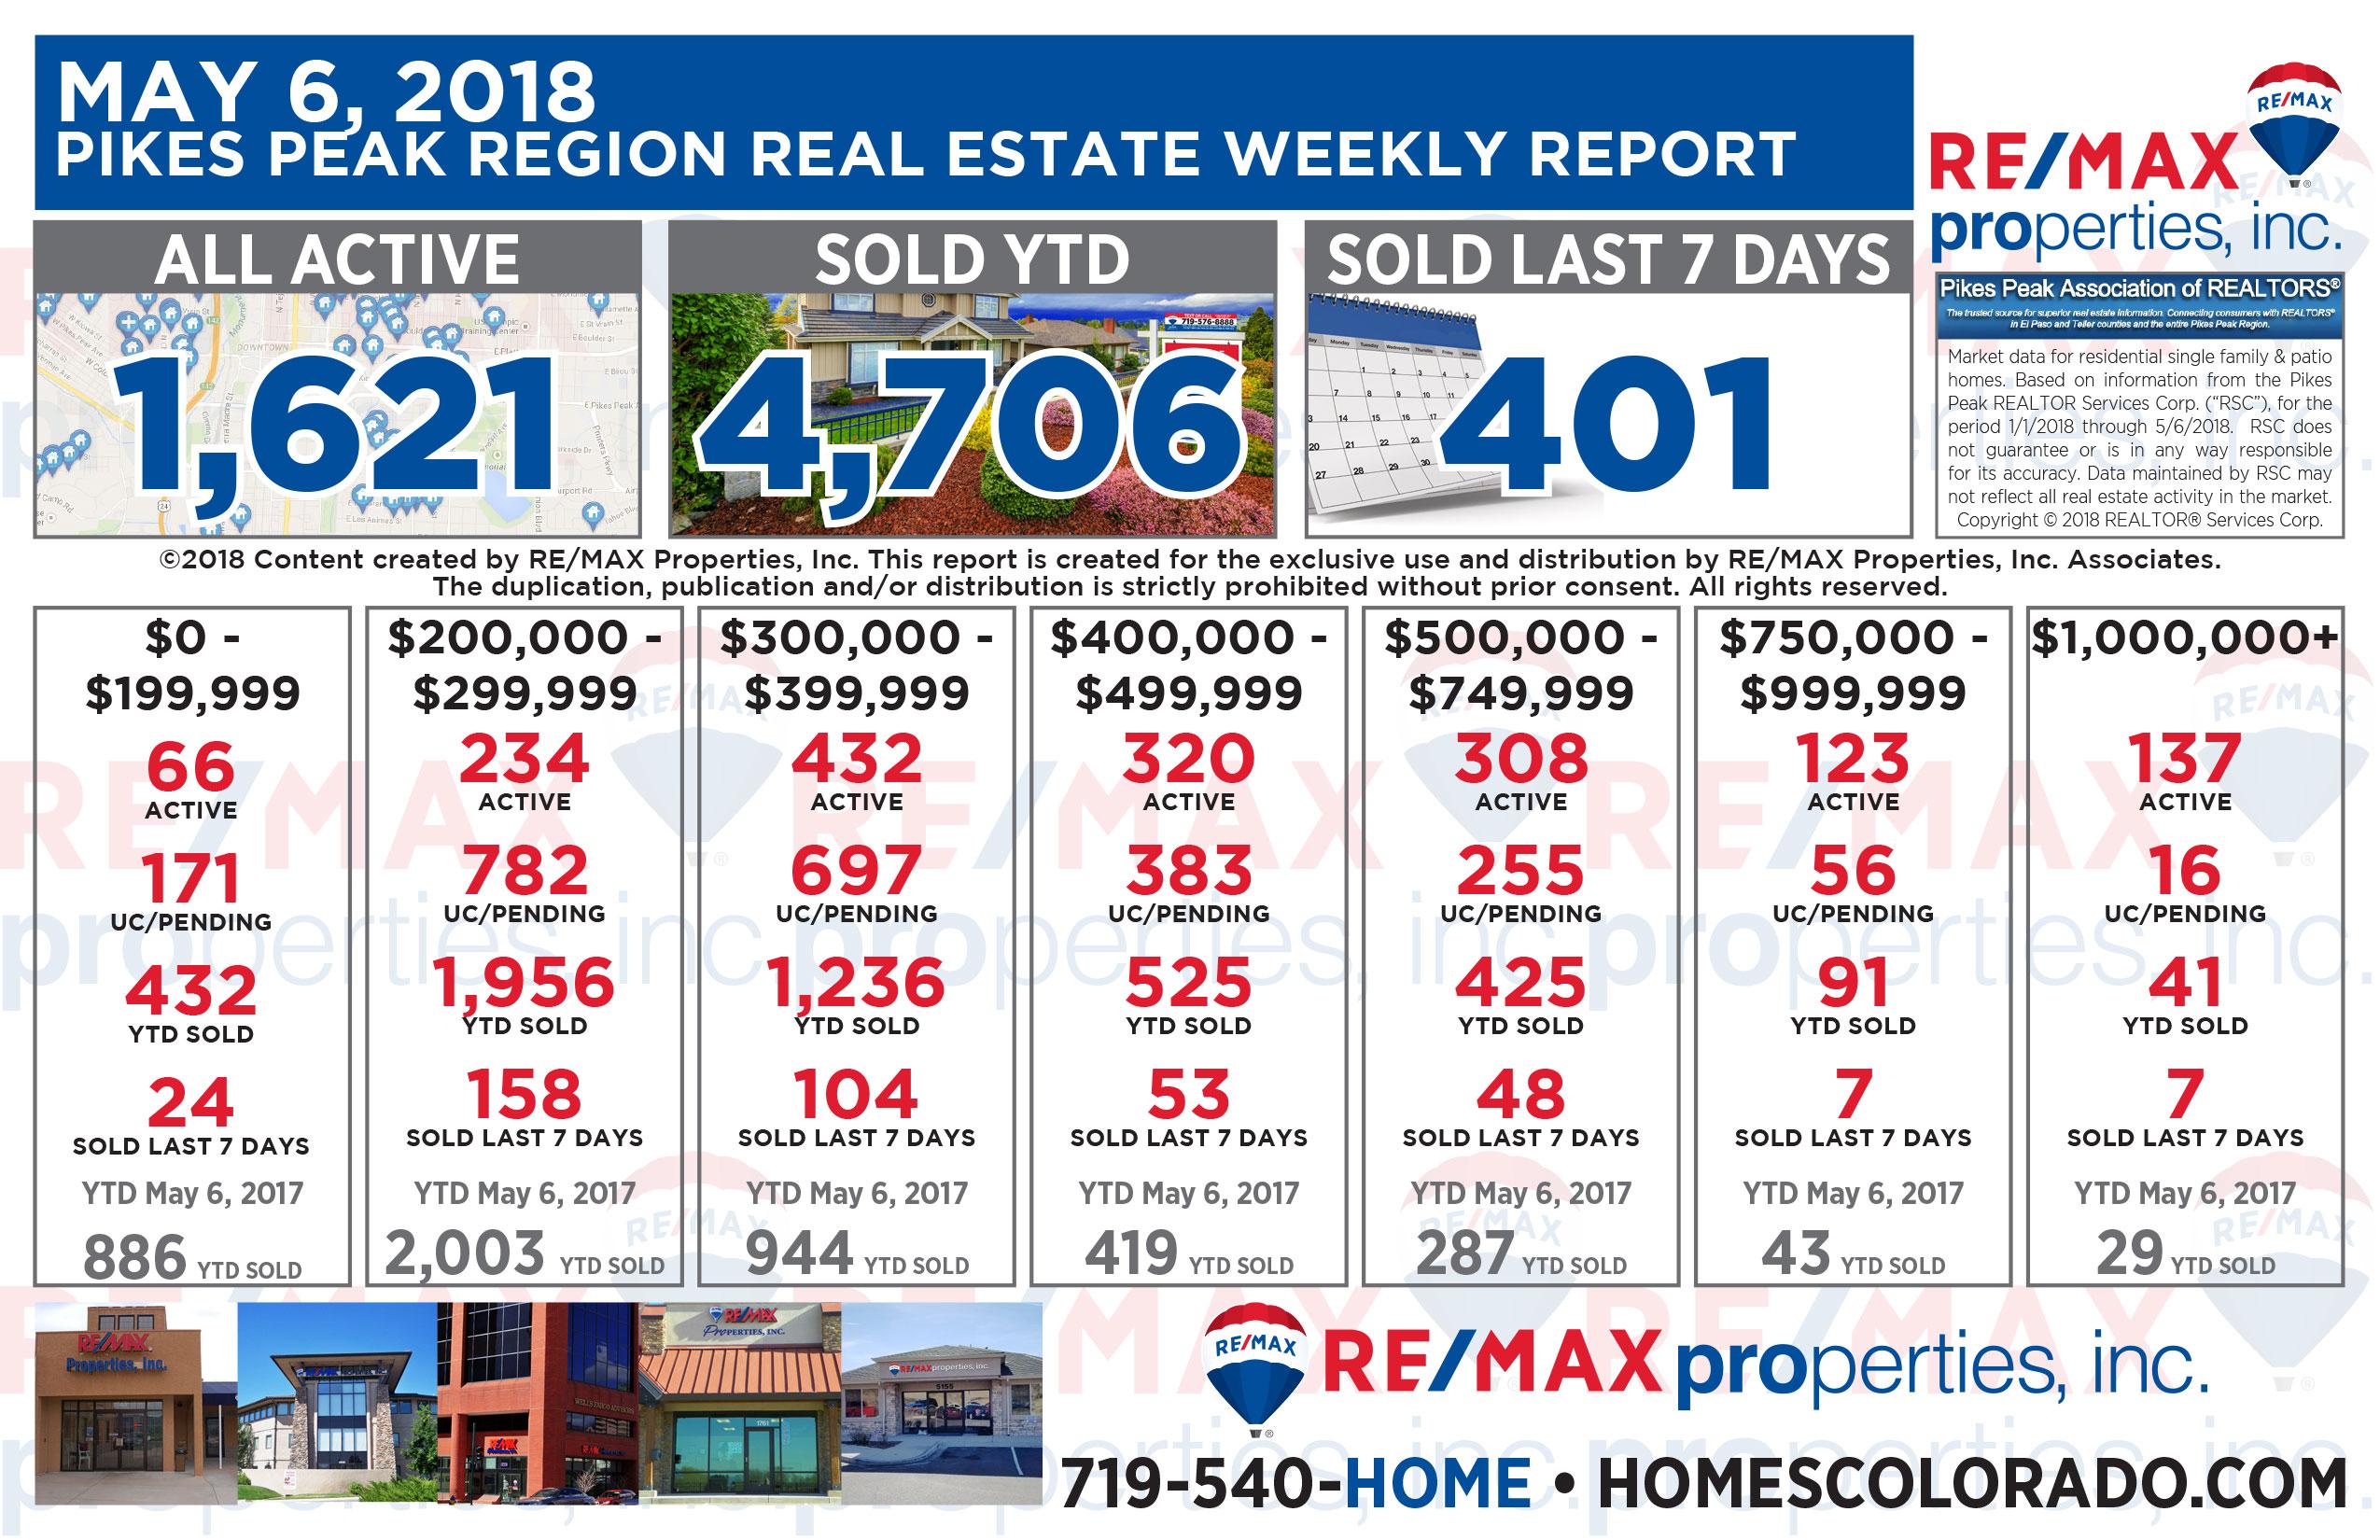 Colorado Springs Real Estate Market Weekly Update - May 6, 2018